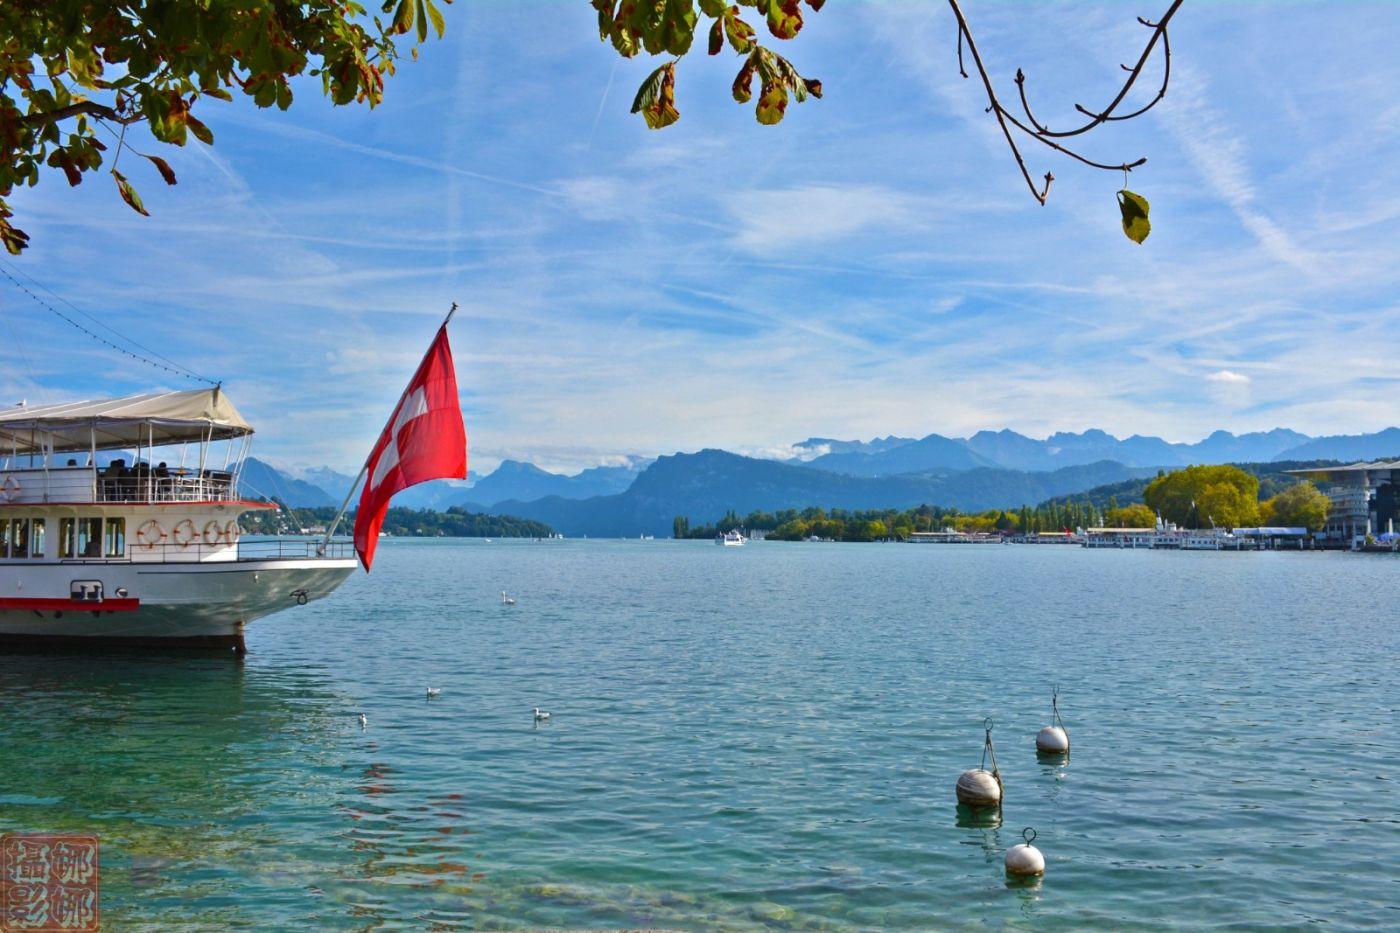 瑞士卢塞恩湖畔风光(一)_图1-17